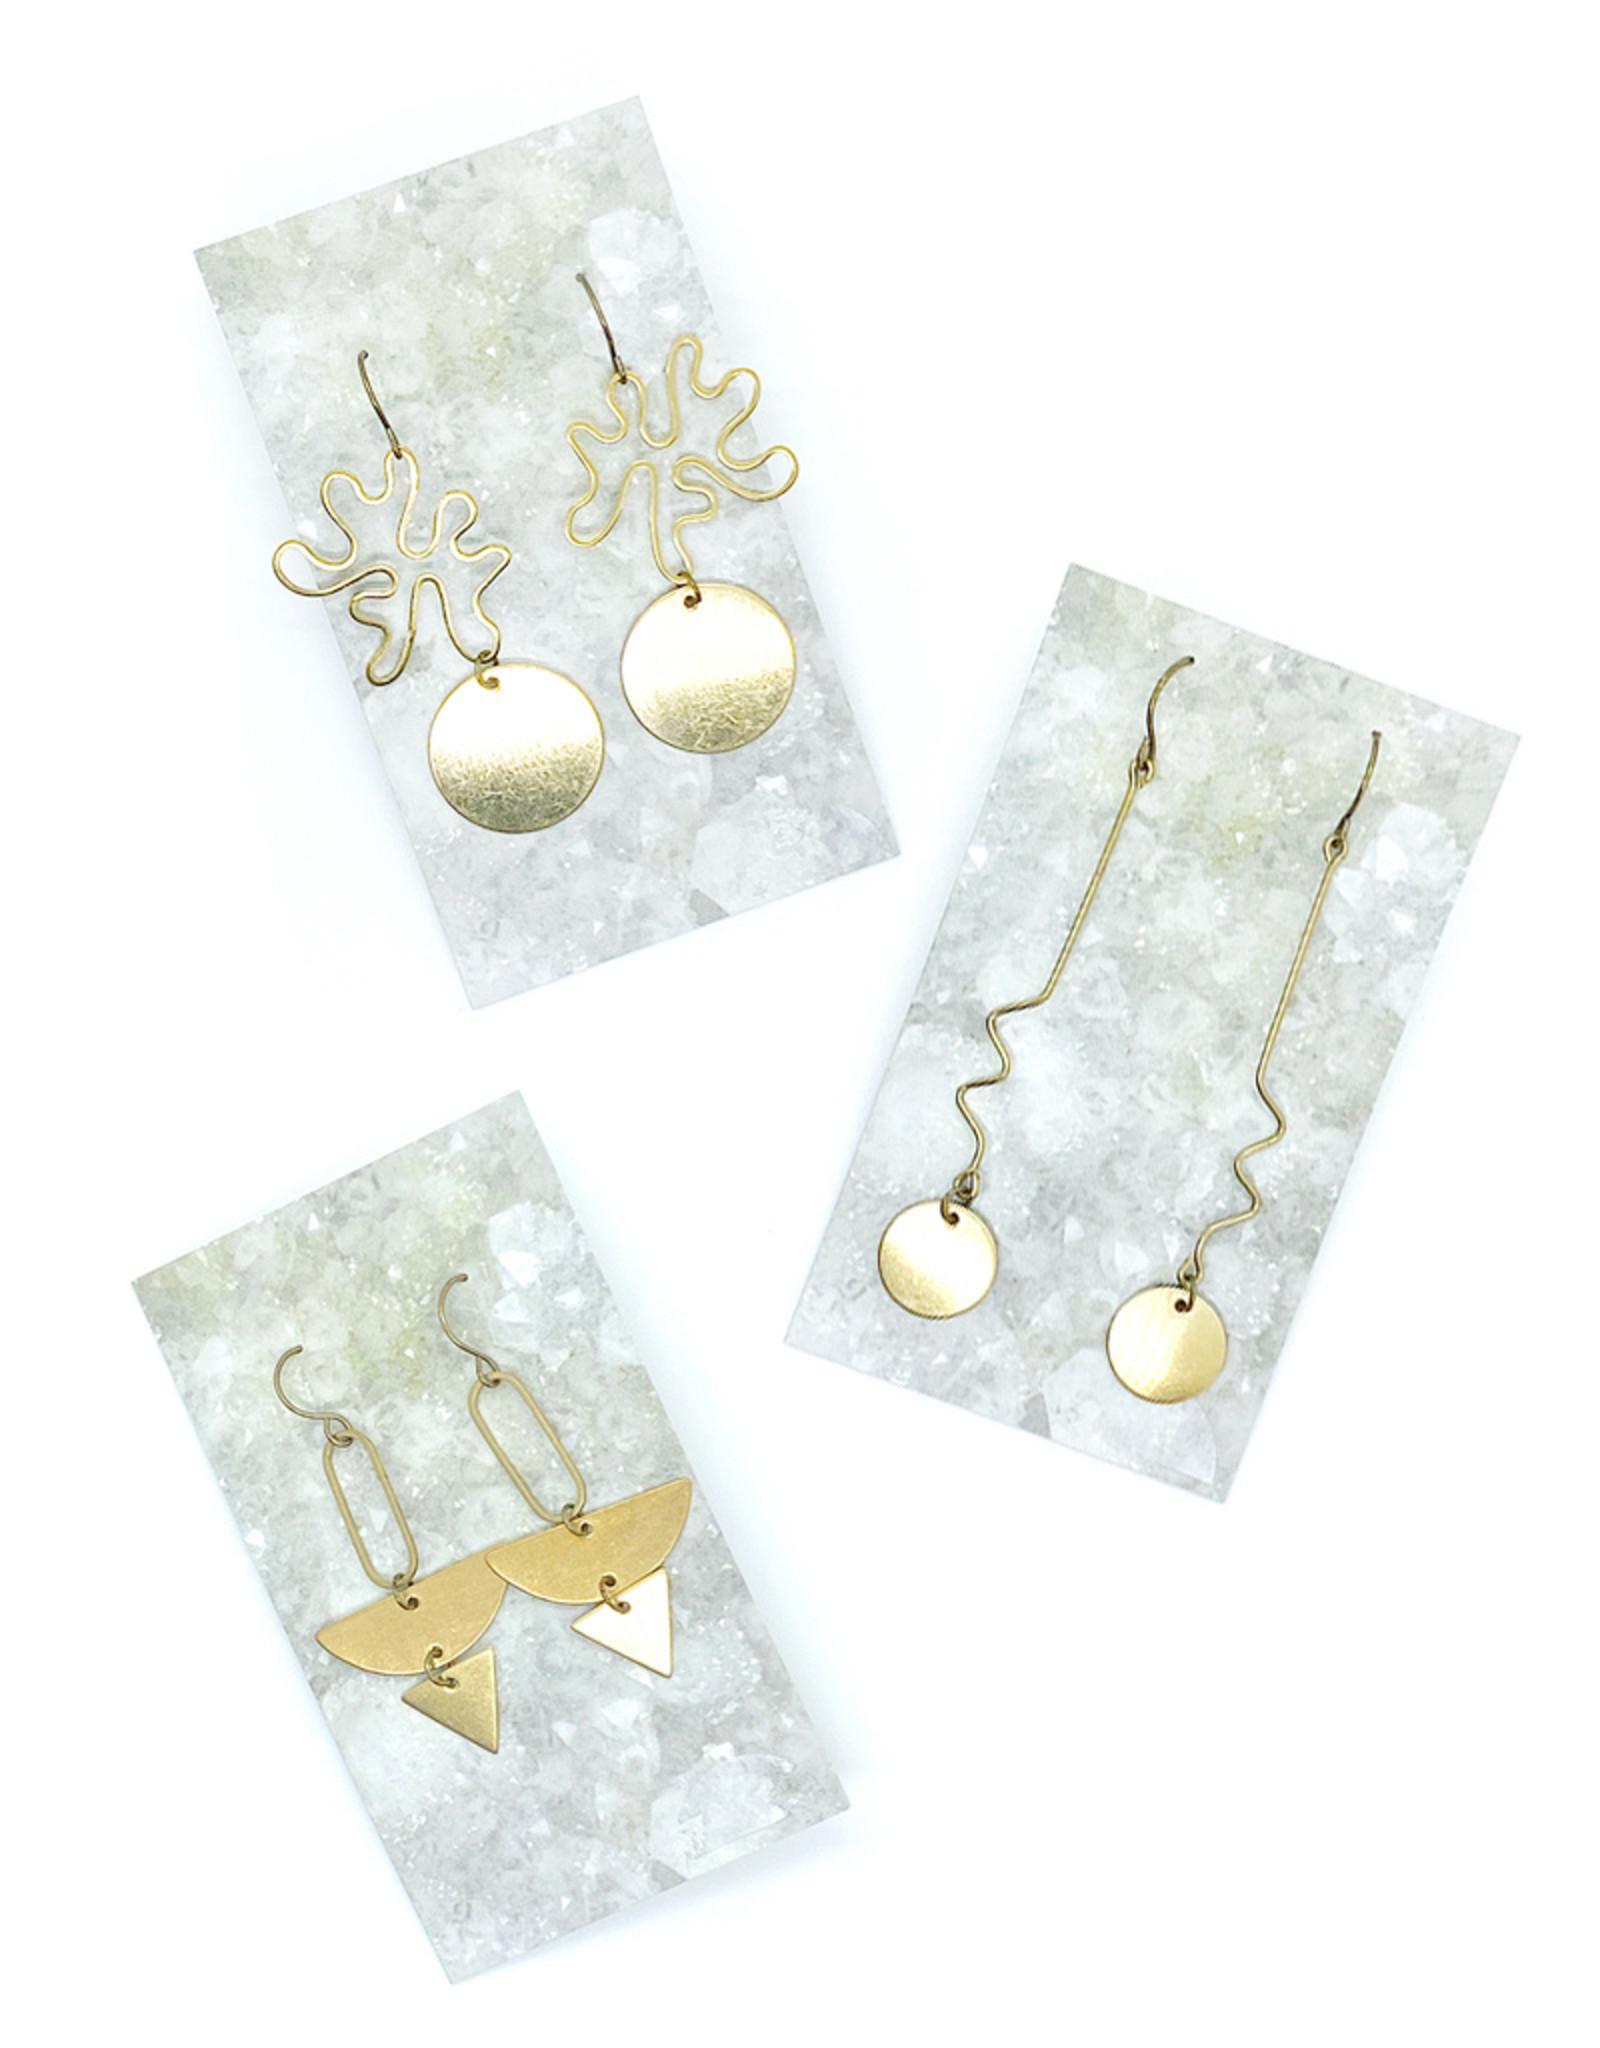 Luxe Debris Raw Brass Earrings by Luxe Debris